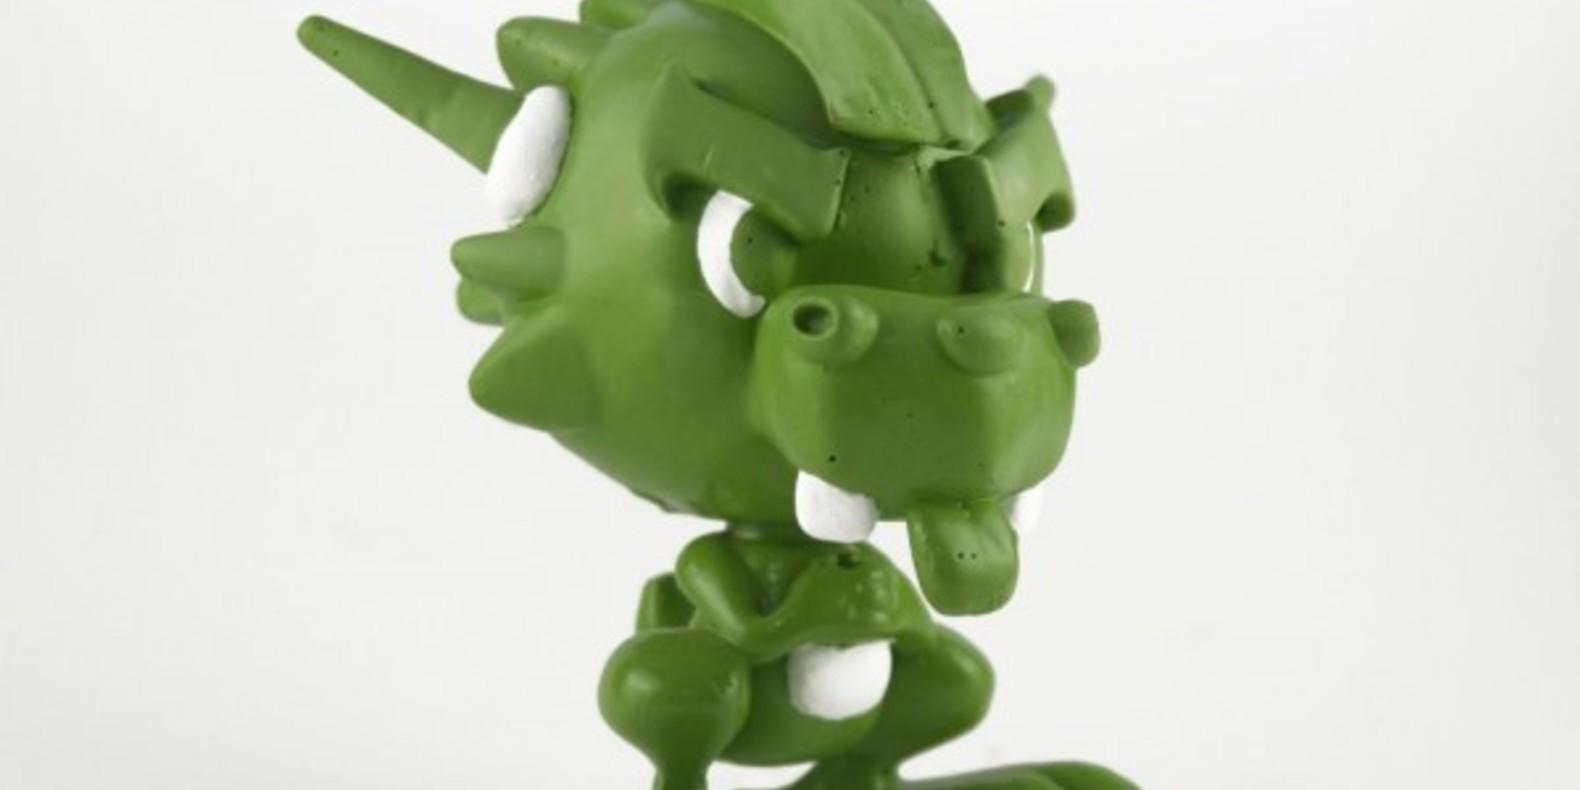 Bard hole standal Art Toys imprimés en 3D design designer fichier 3D blueprint cults cults3D acheter gratuit telecharger download